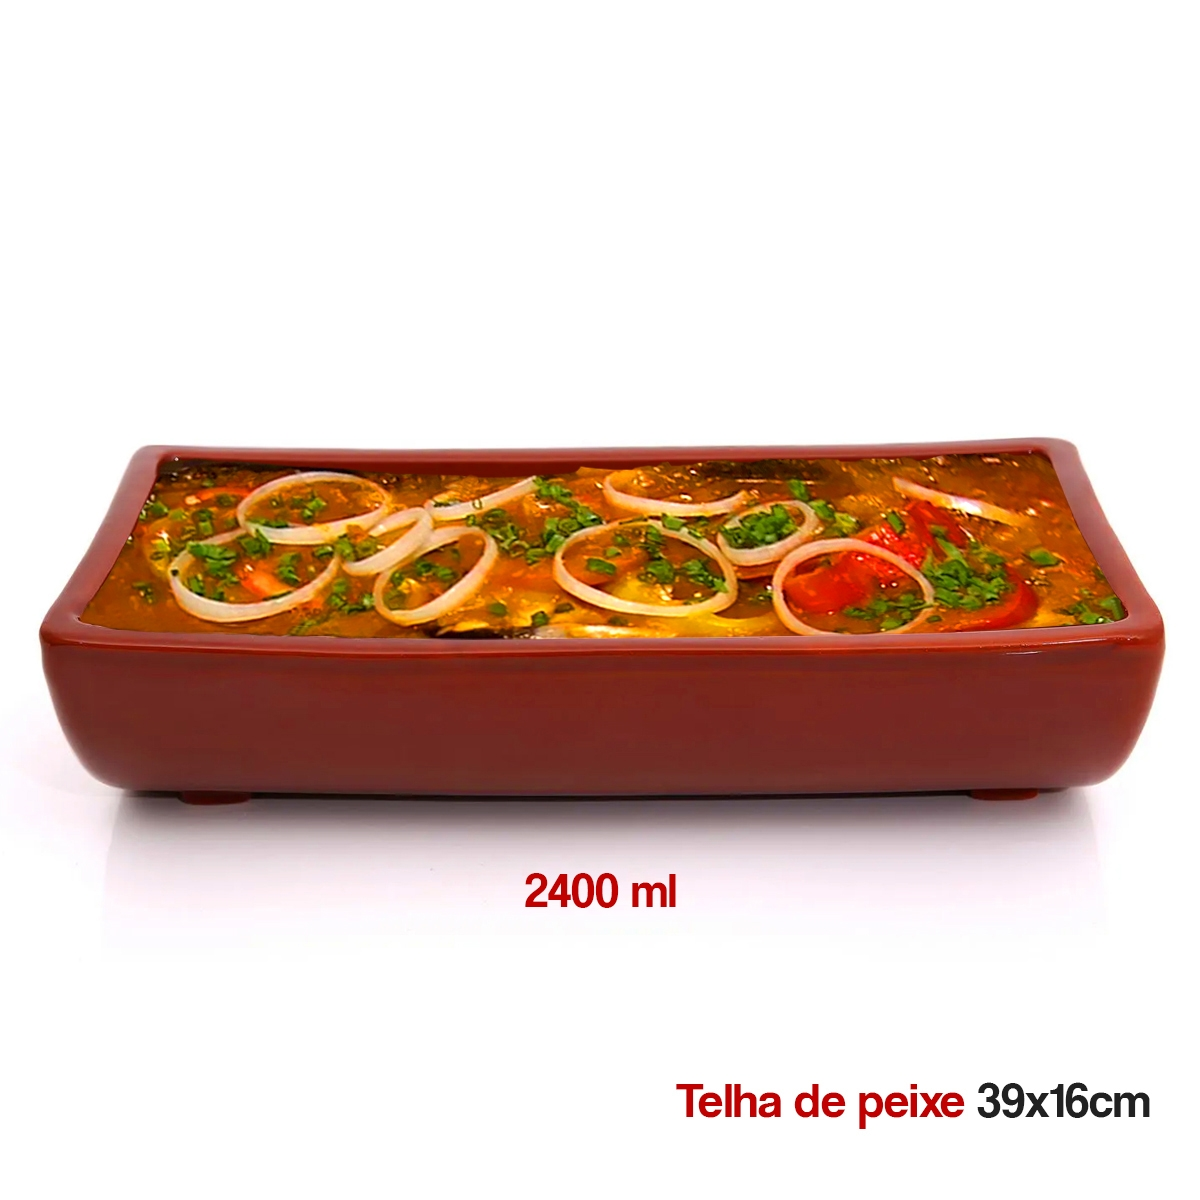 Telha p/ peixe em cerâmica 39x16 - 2400ml - 1821